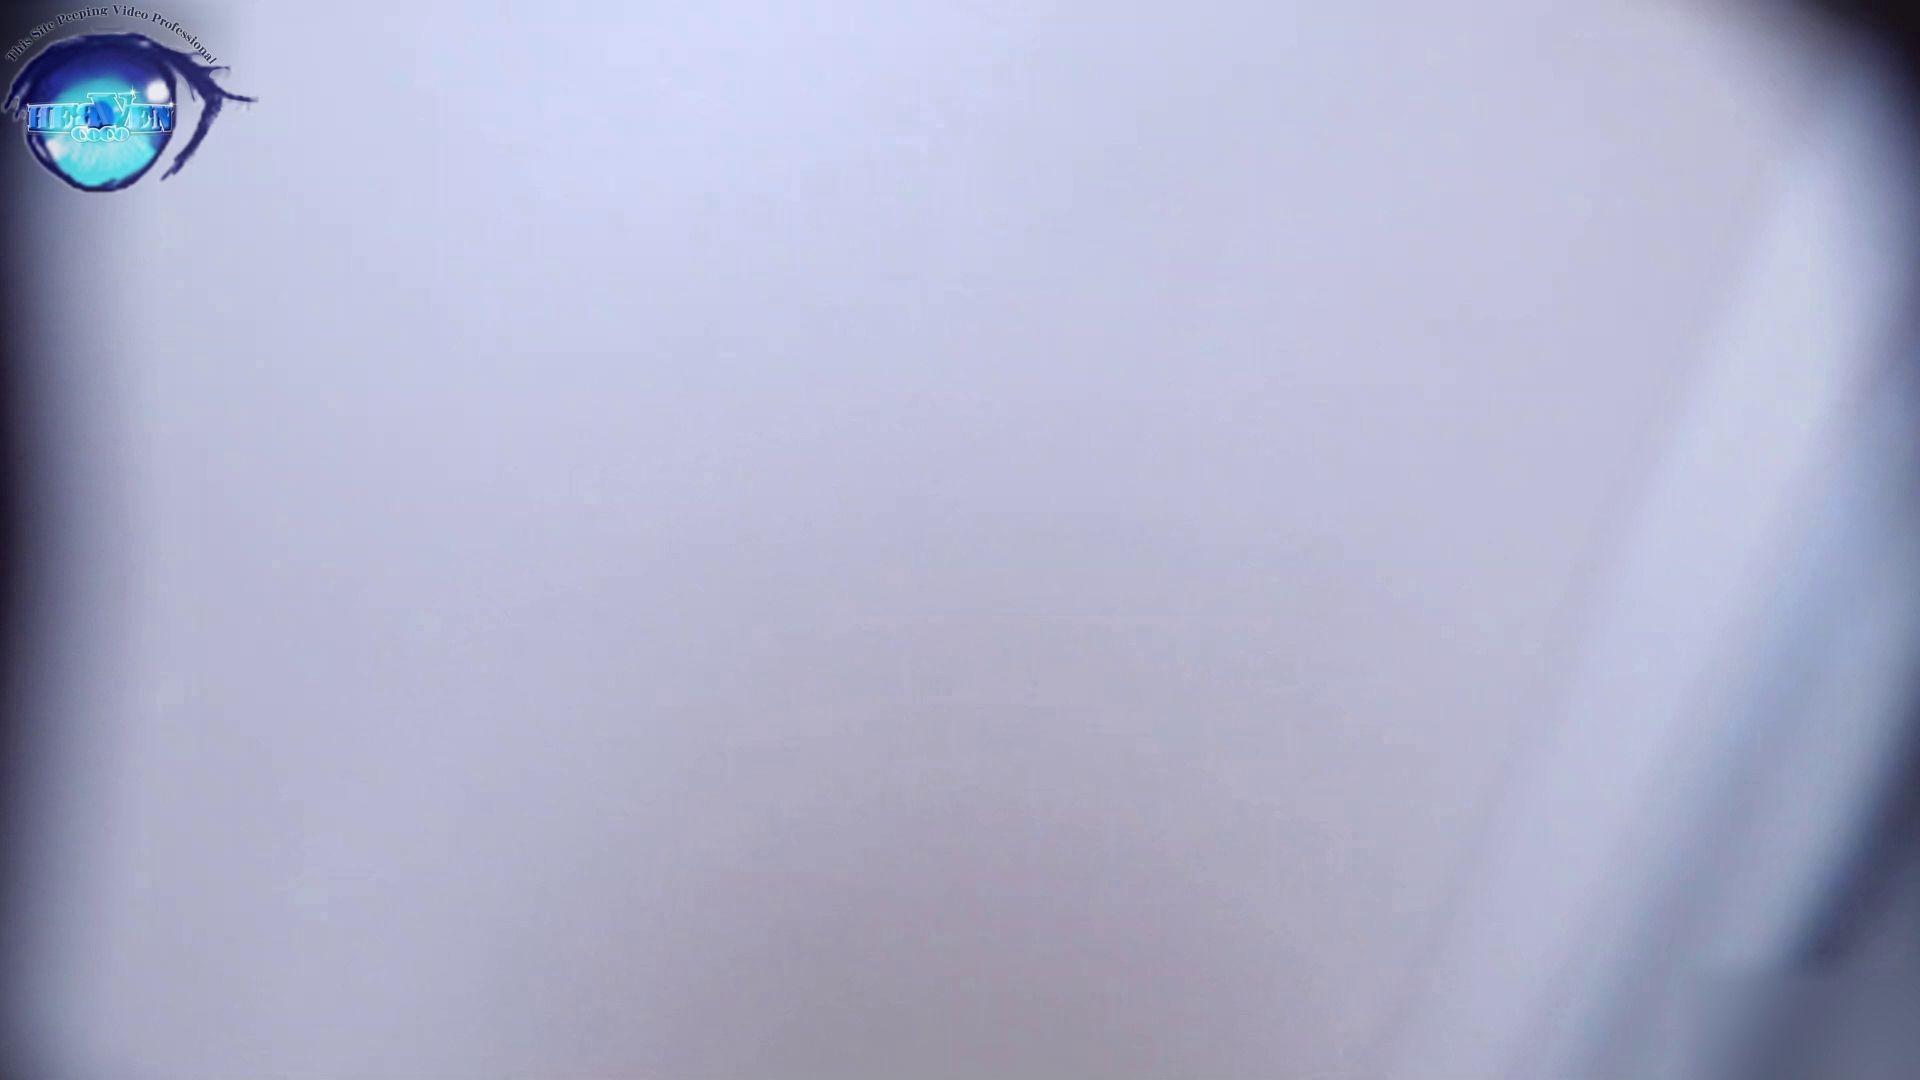 お銀さんの「洗面所突入レポート!!」 vol.51 突入最前線!おまけ付き 前編 OL女体  98連発 93